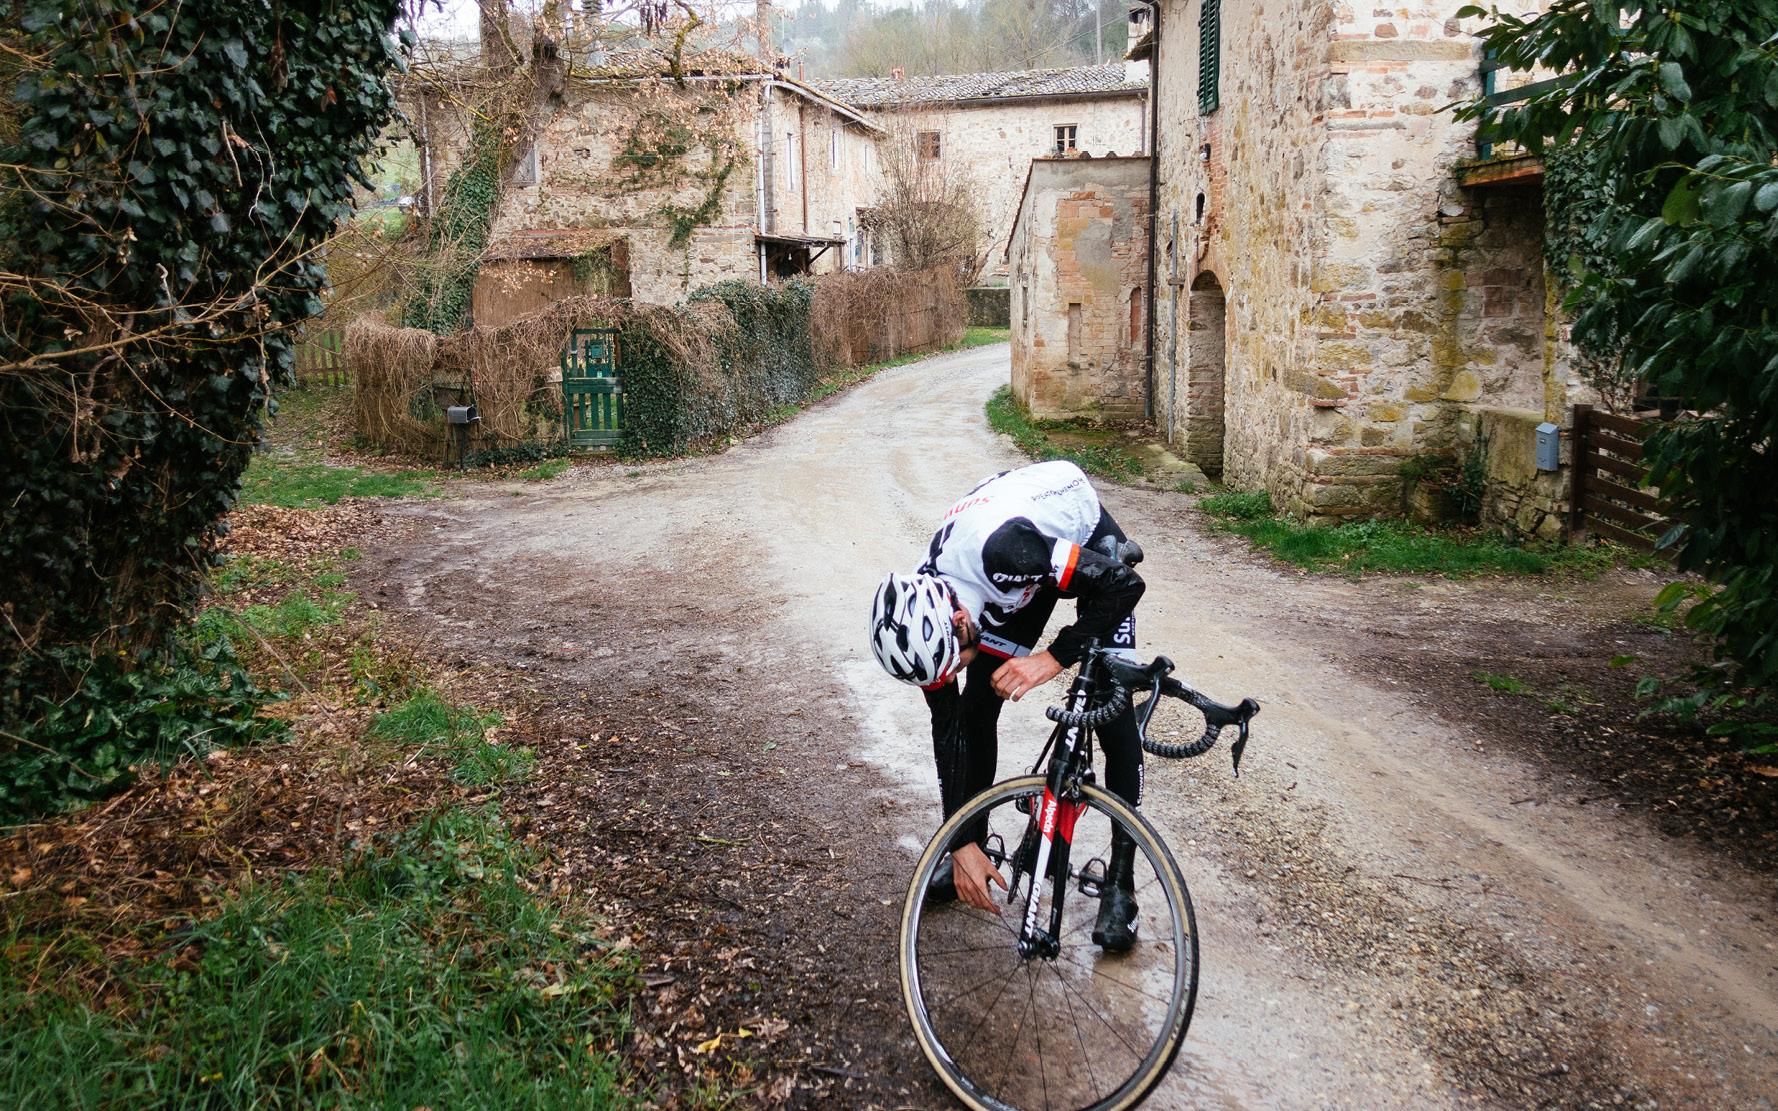 LTD_Tuscany_02.jpg